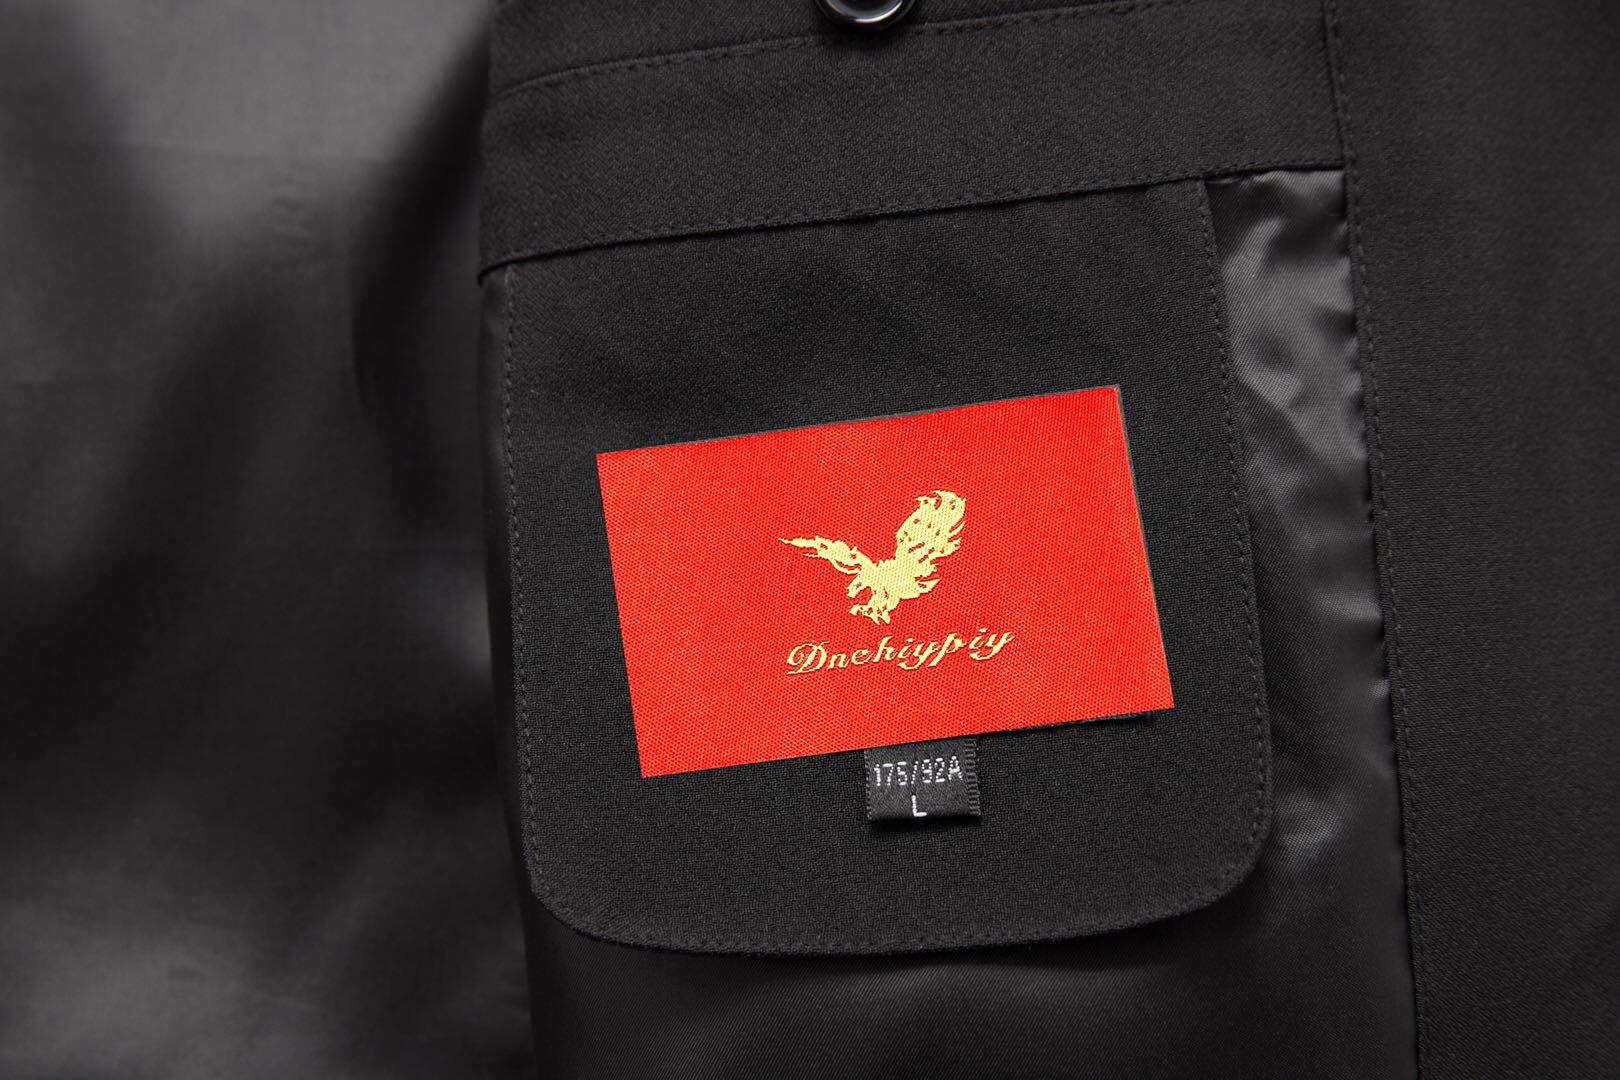 嗨团短款大红鹰羽绒服25.jpg